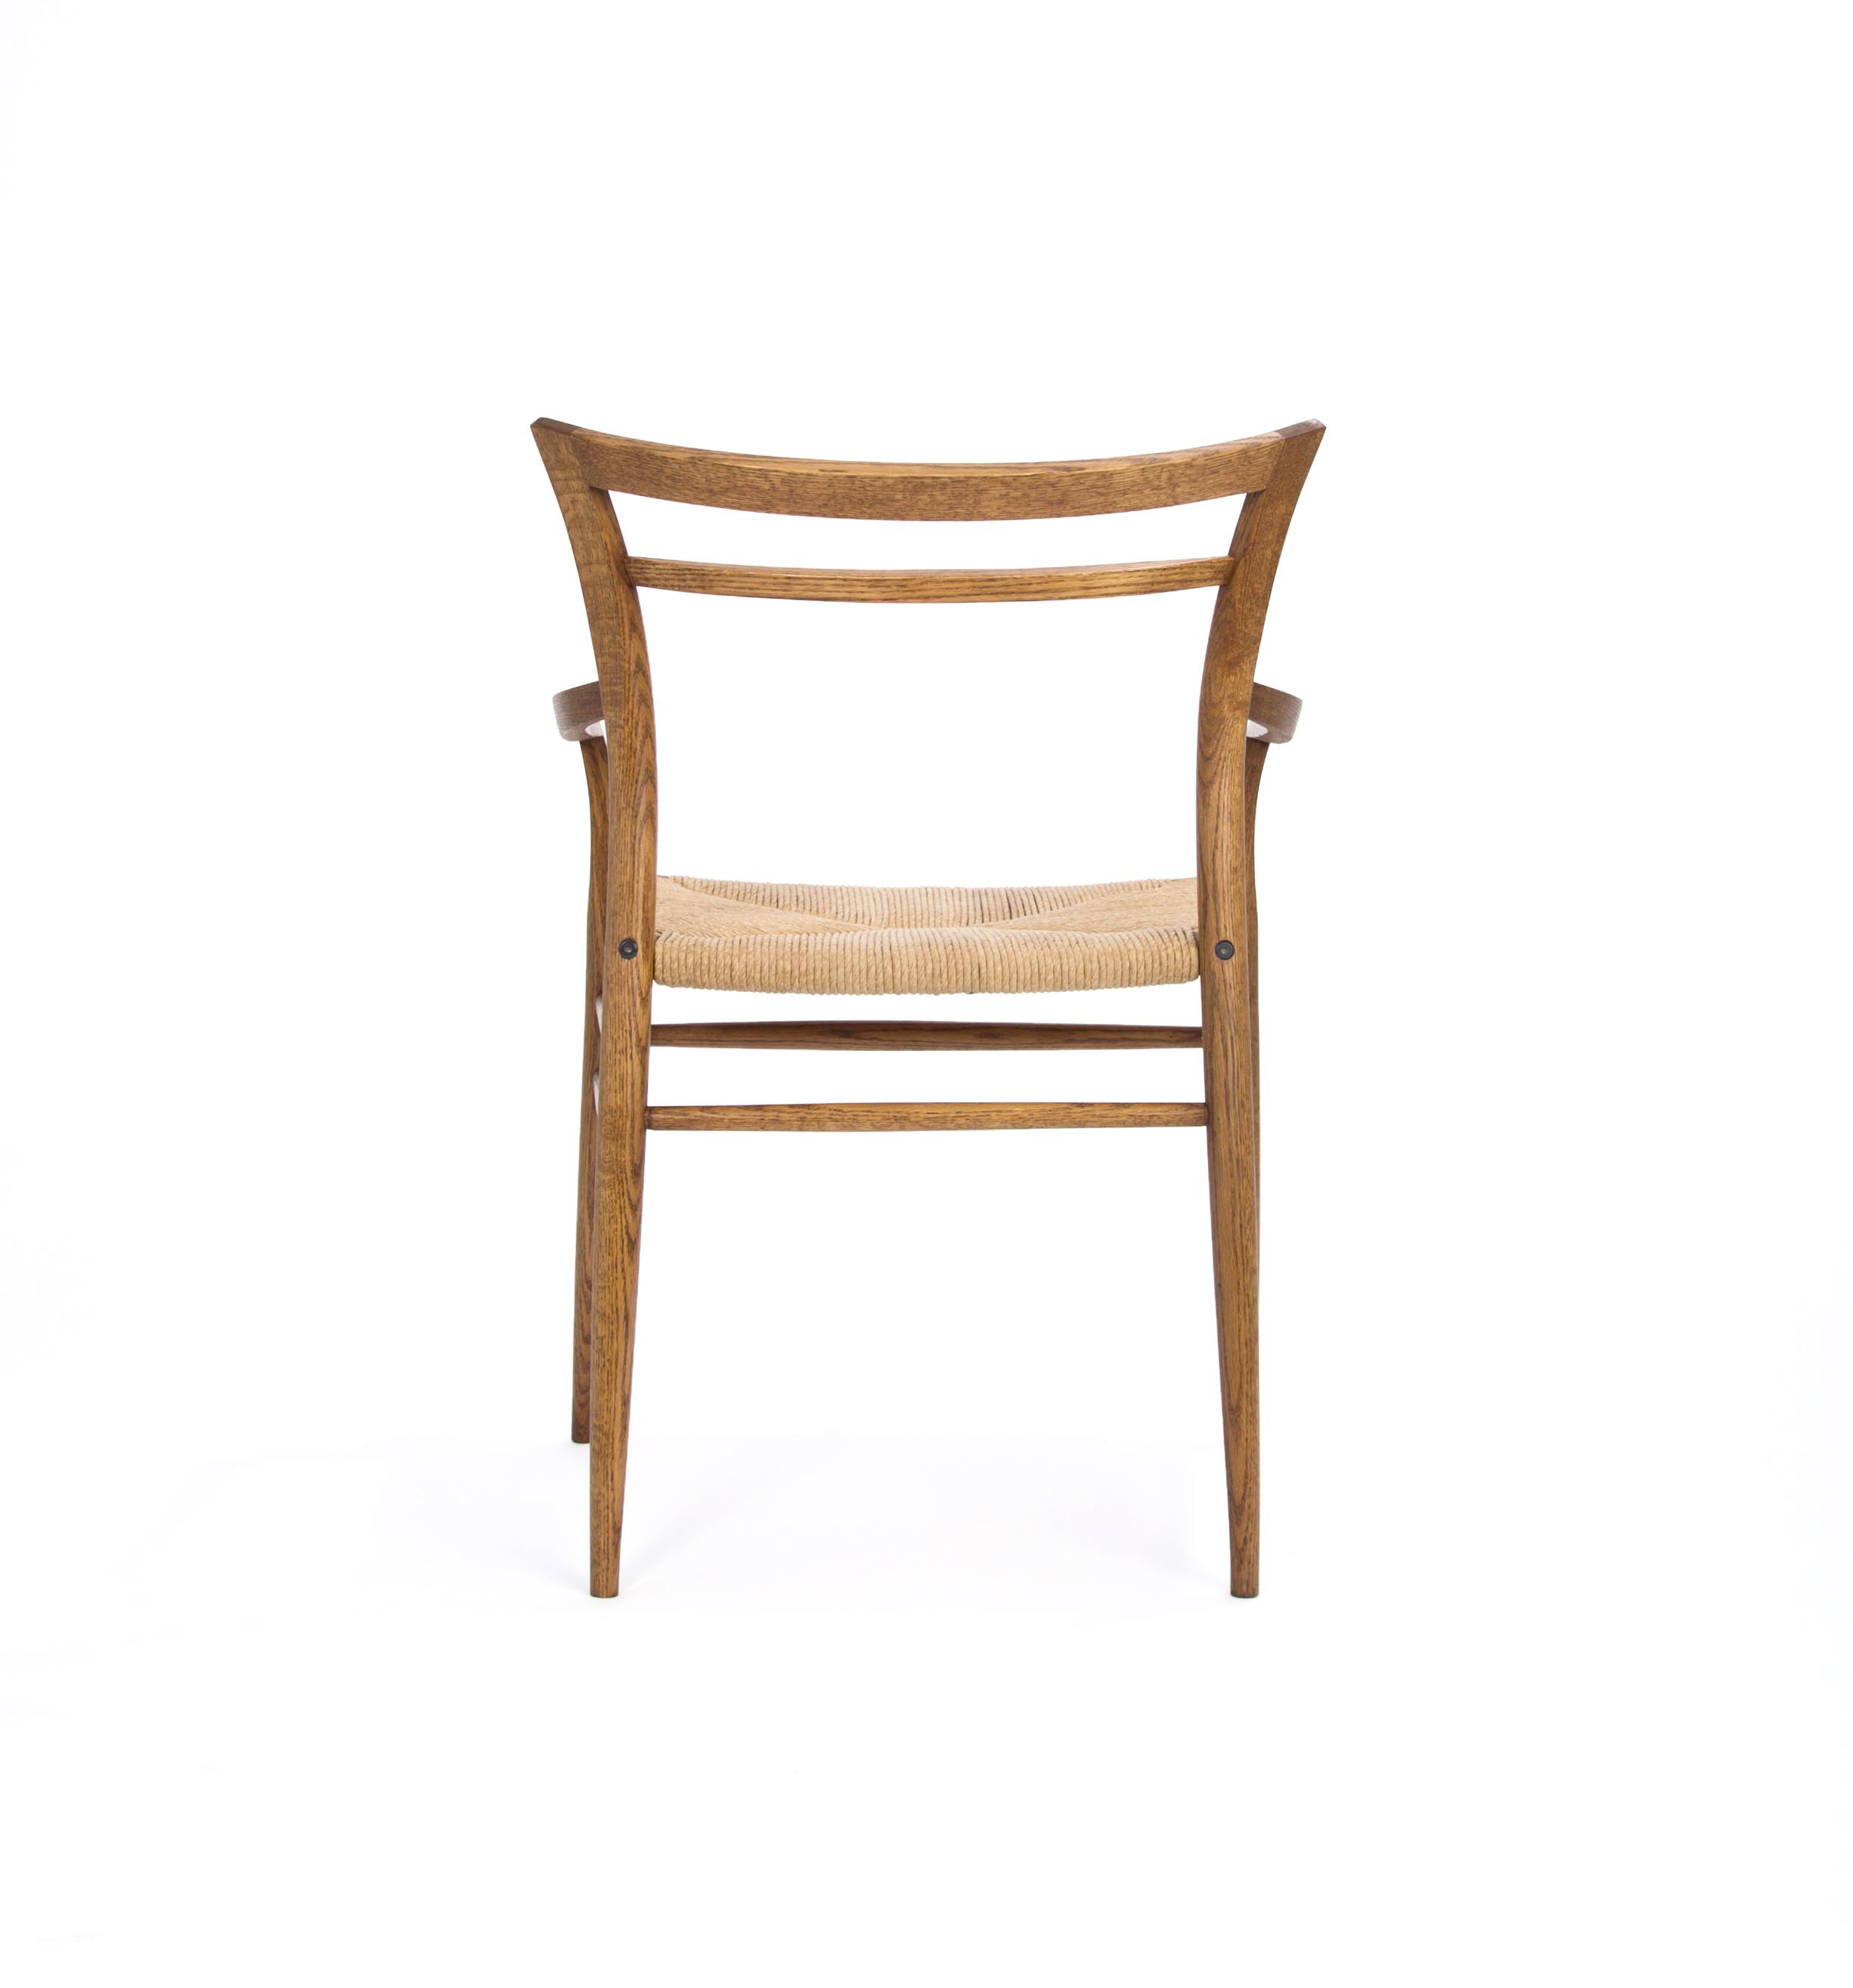 Chair2-rear-view.jpg